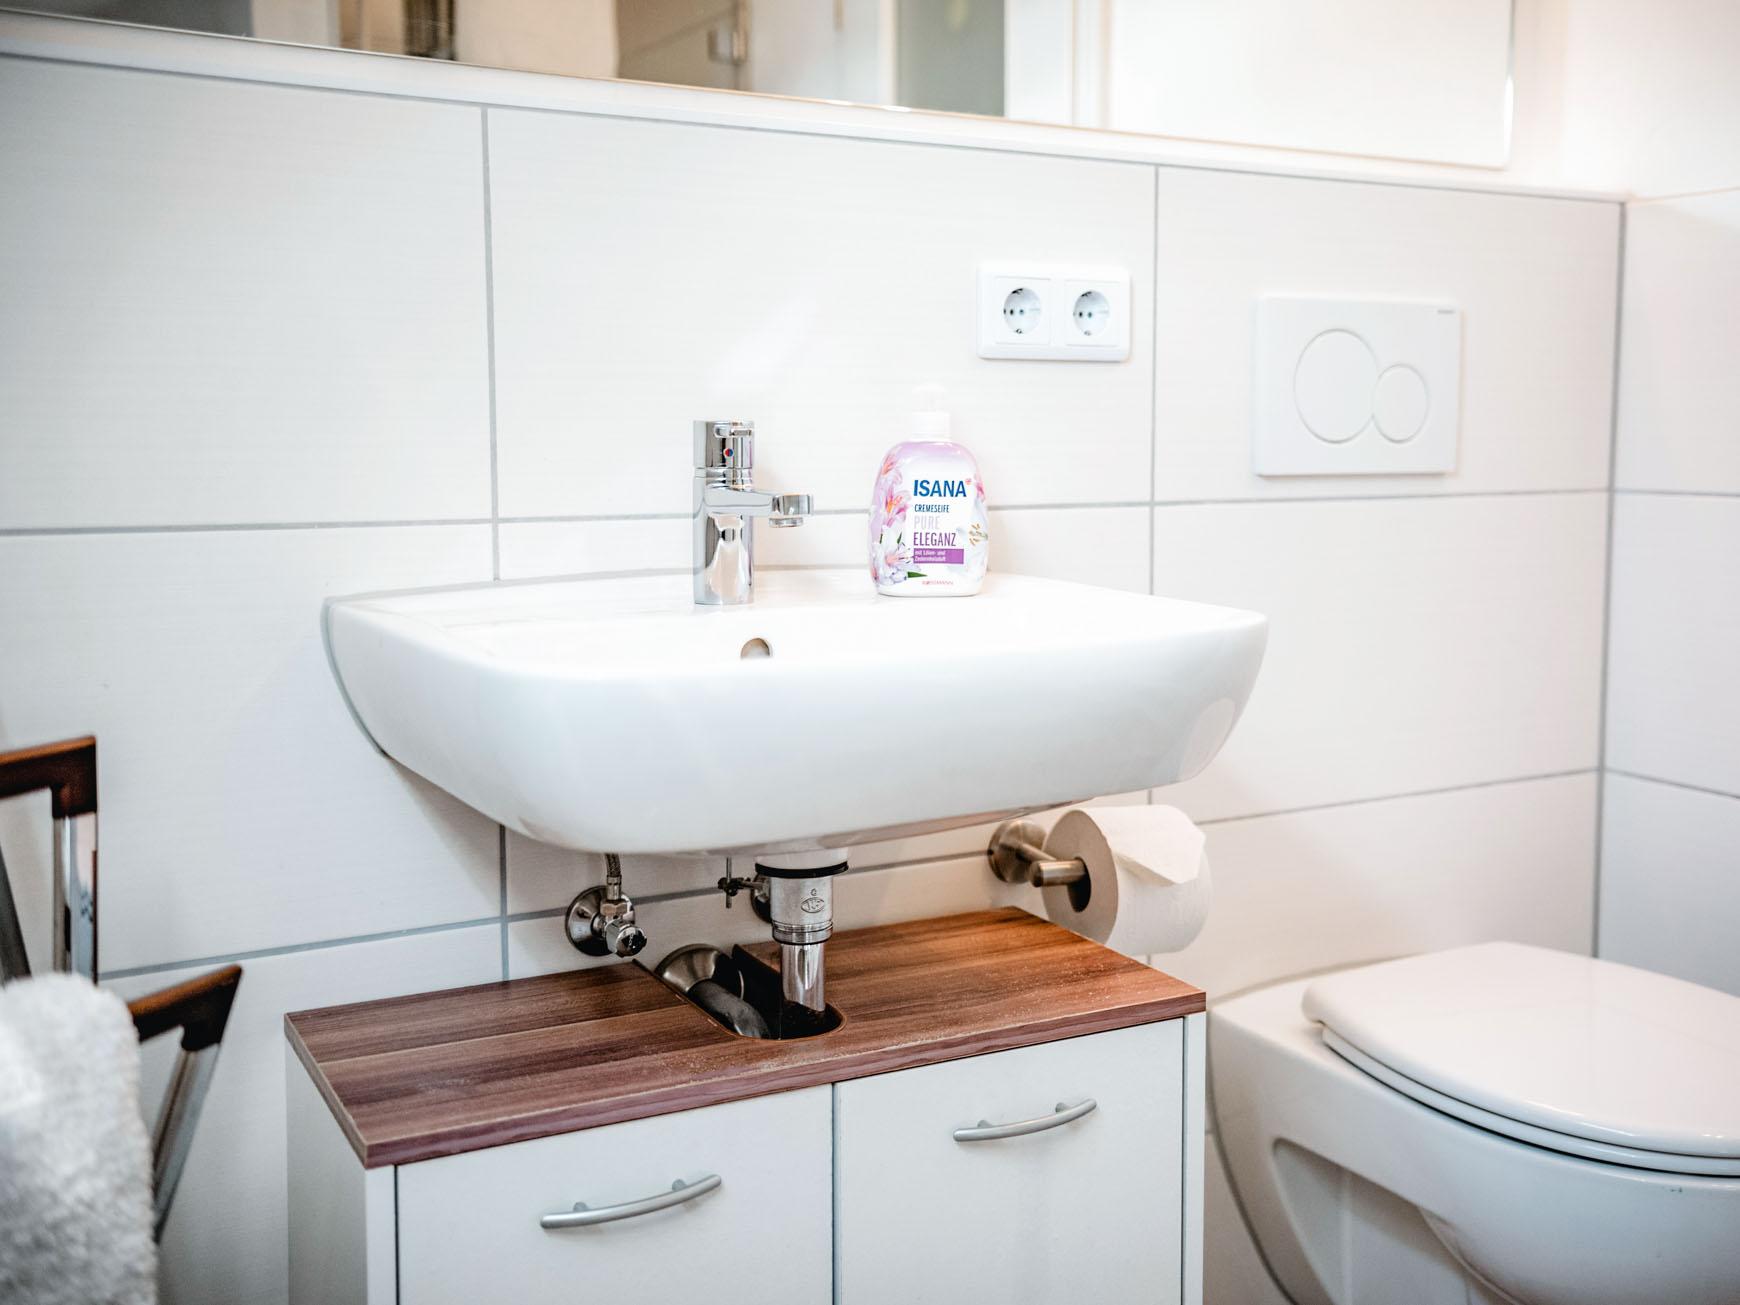 Ferienwohnung - Waschbecken im Bad